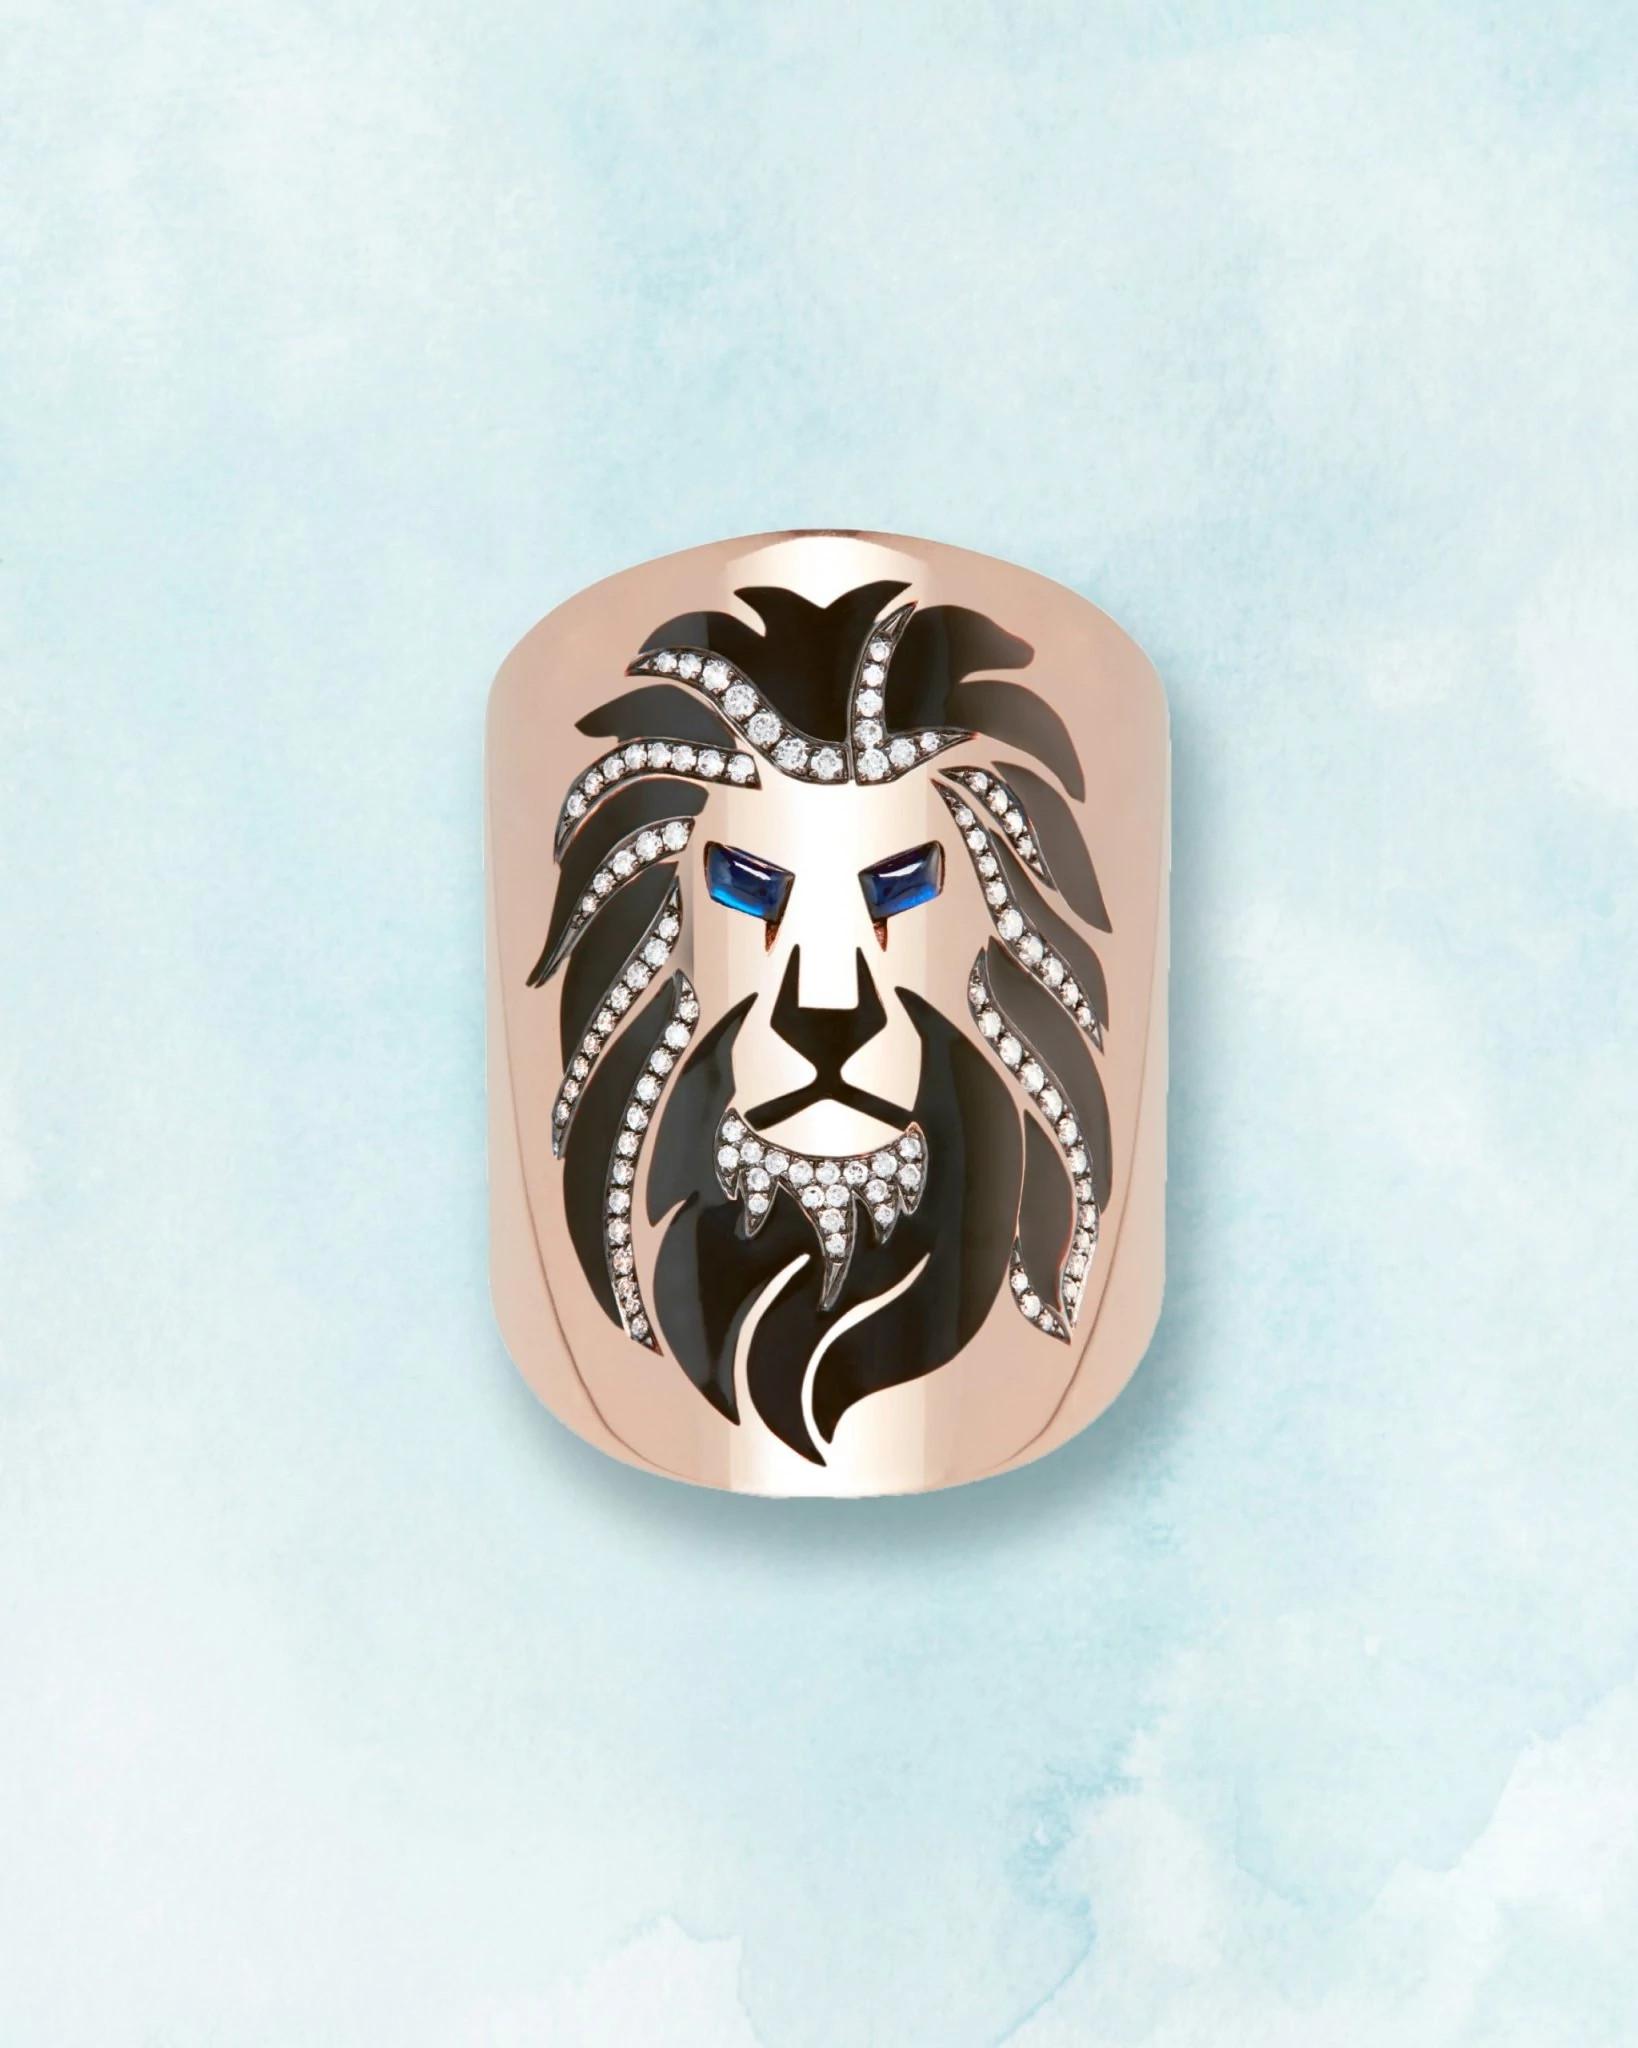 黛安·科达斯设计的天然钻石饰品